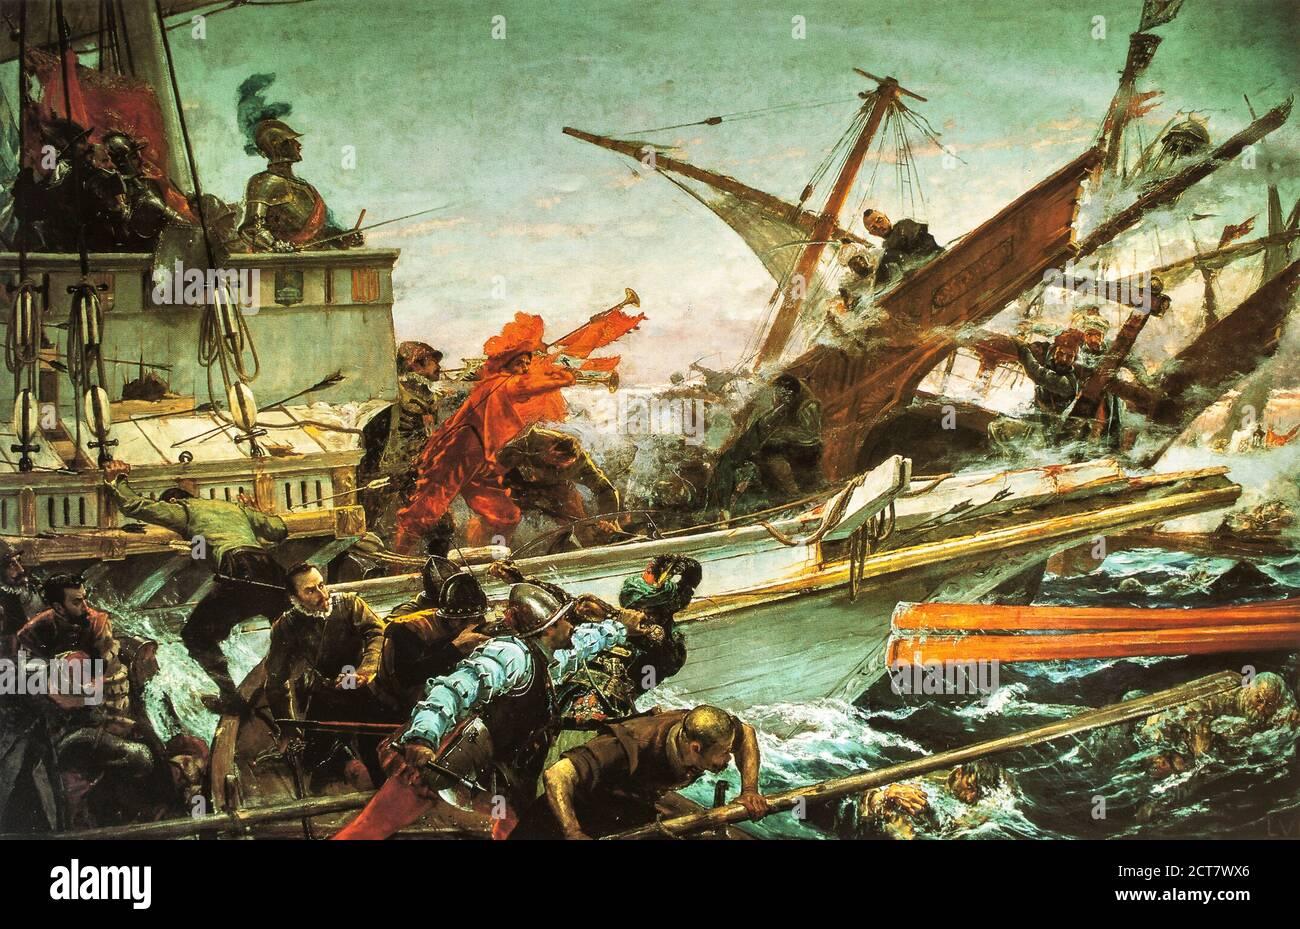 Naval battle of Lepanto, 1571. Painted by Juan Luna y Novicio in 1887. Palacio del Senado, Madrid, Spain Stock Photo